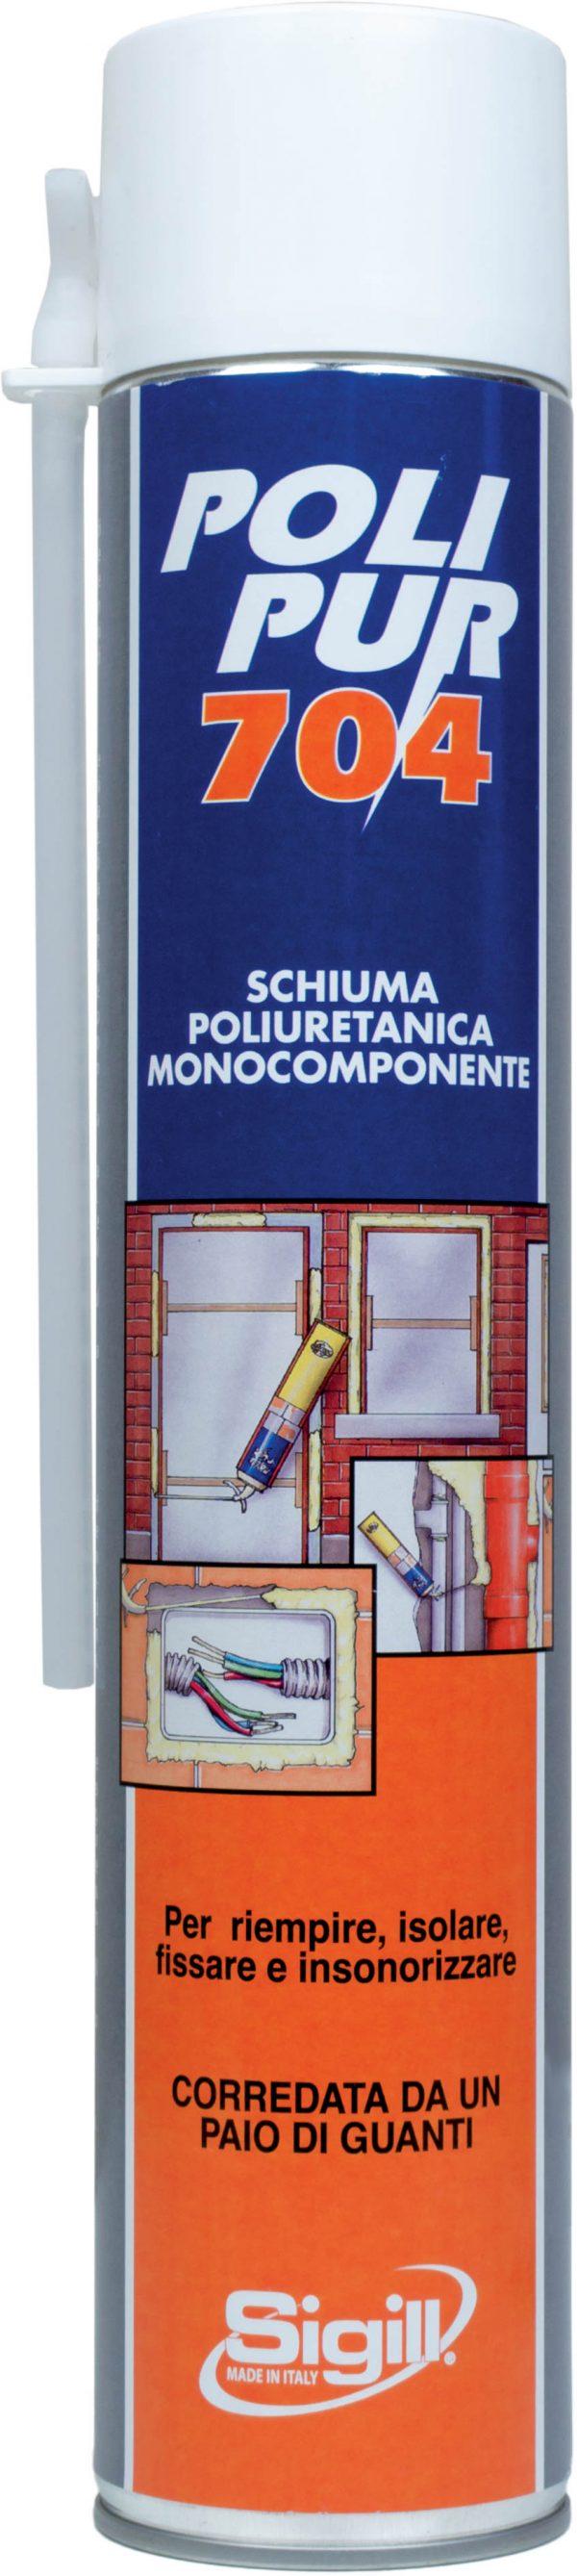 schiuma poliuretanica monocomponente